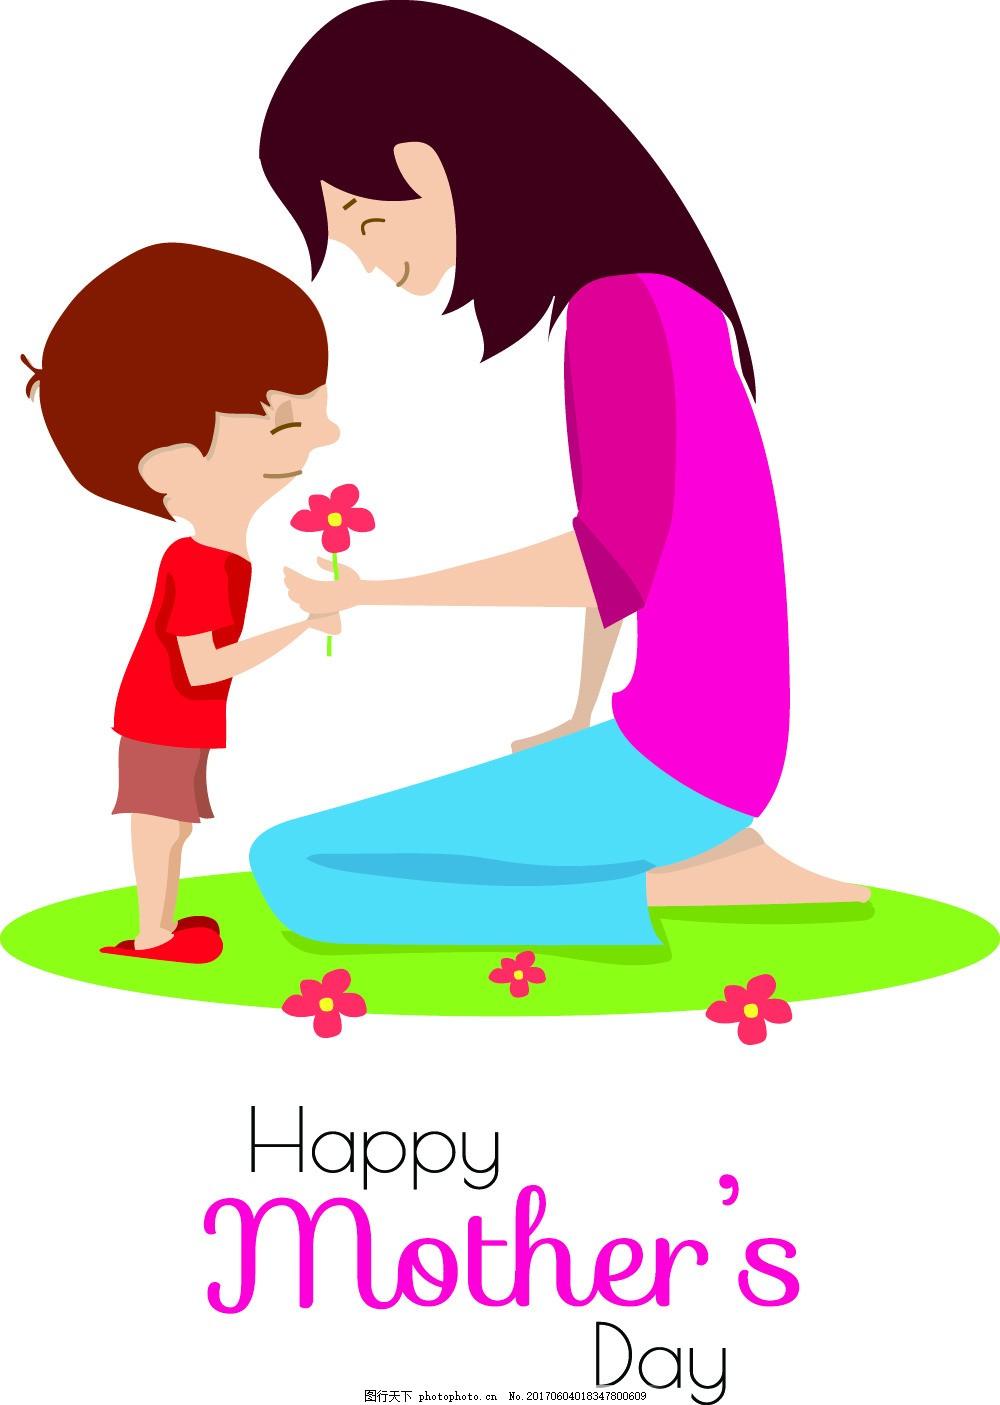 母亲节给妈妈送花的男儿插画 节日 手绘 卡通 海报 引导页 闪屏